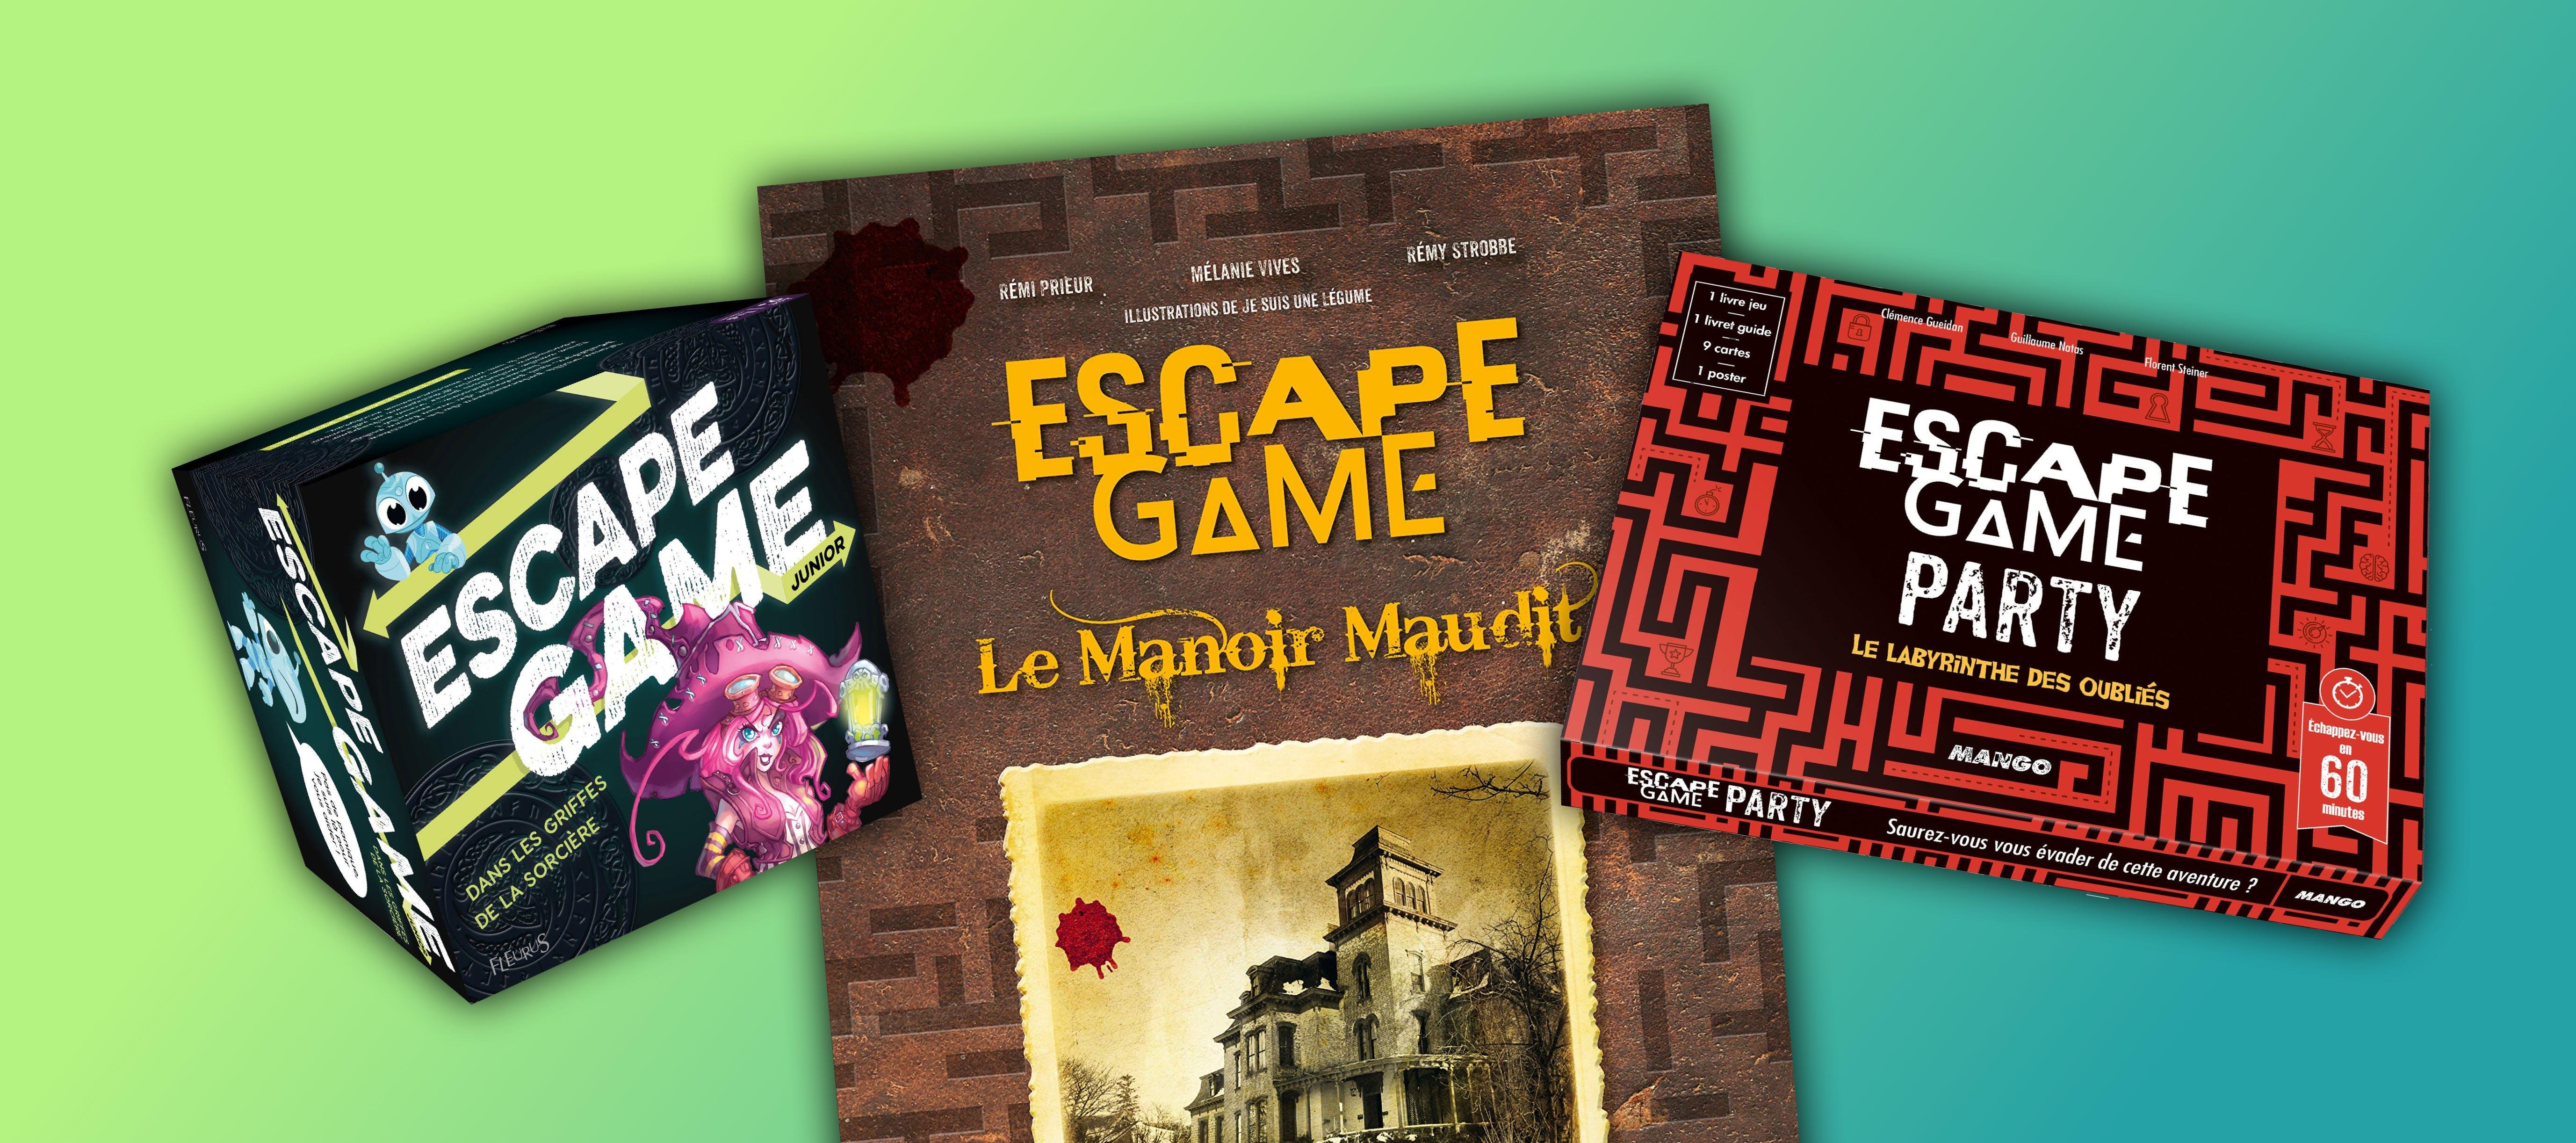 Boites De Jeux Livre Augmente La Collection Escape Game